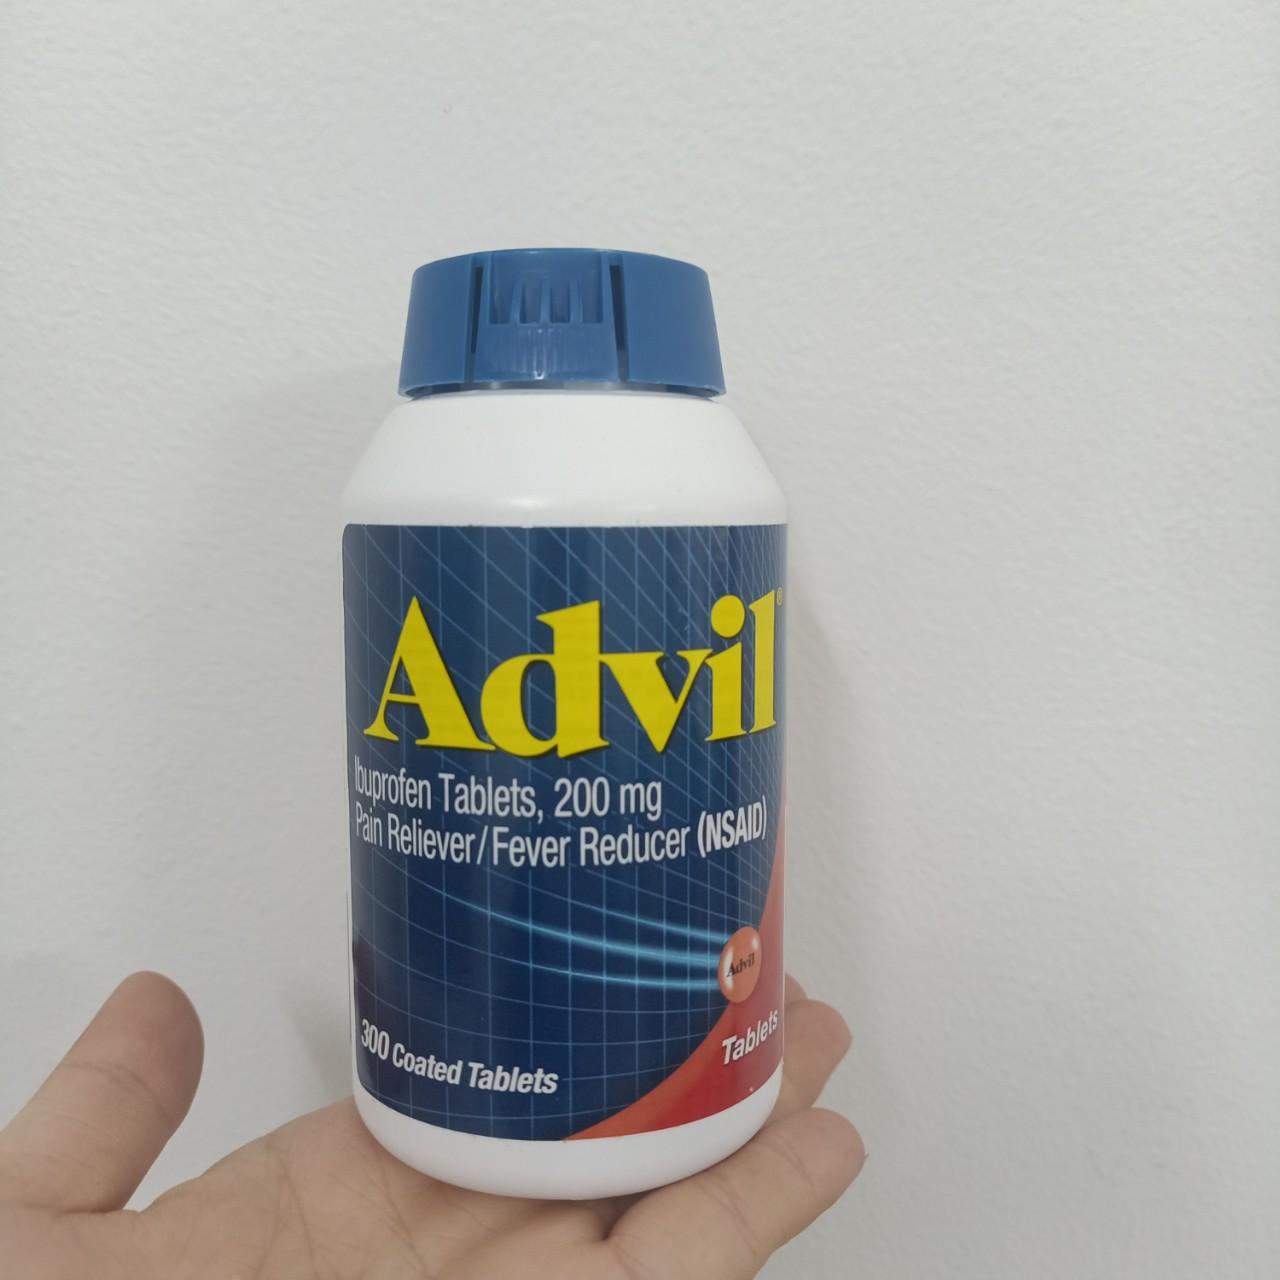 Viên Uống Advil Ibuprofen Tablest 200mg của mỹ hộp 300 viên